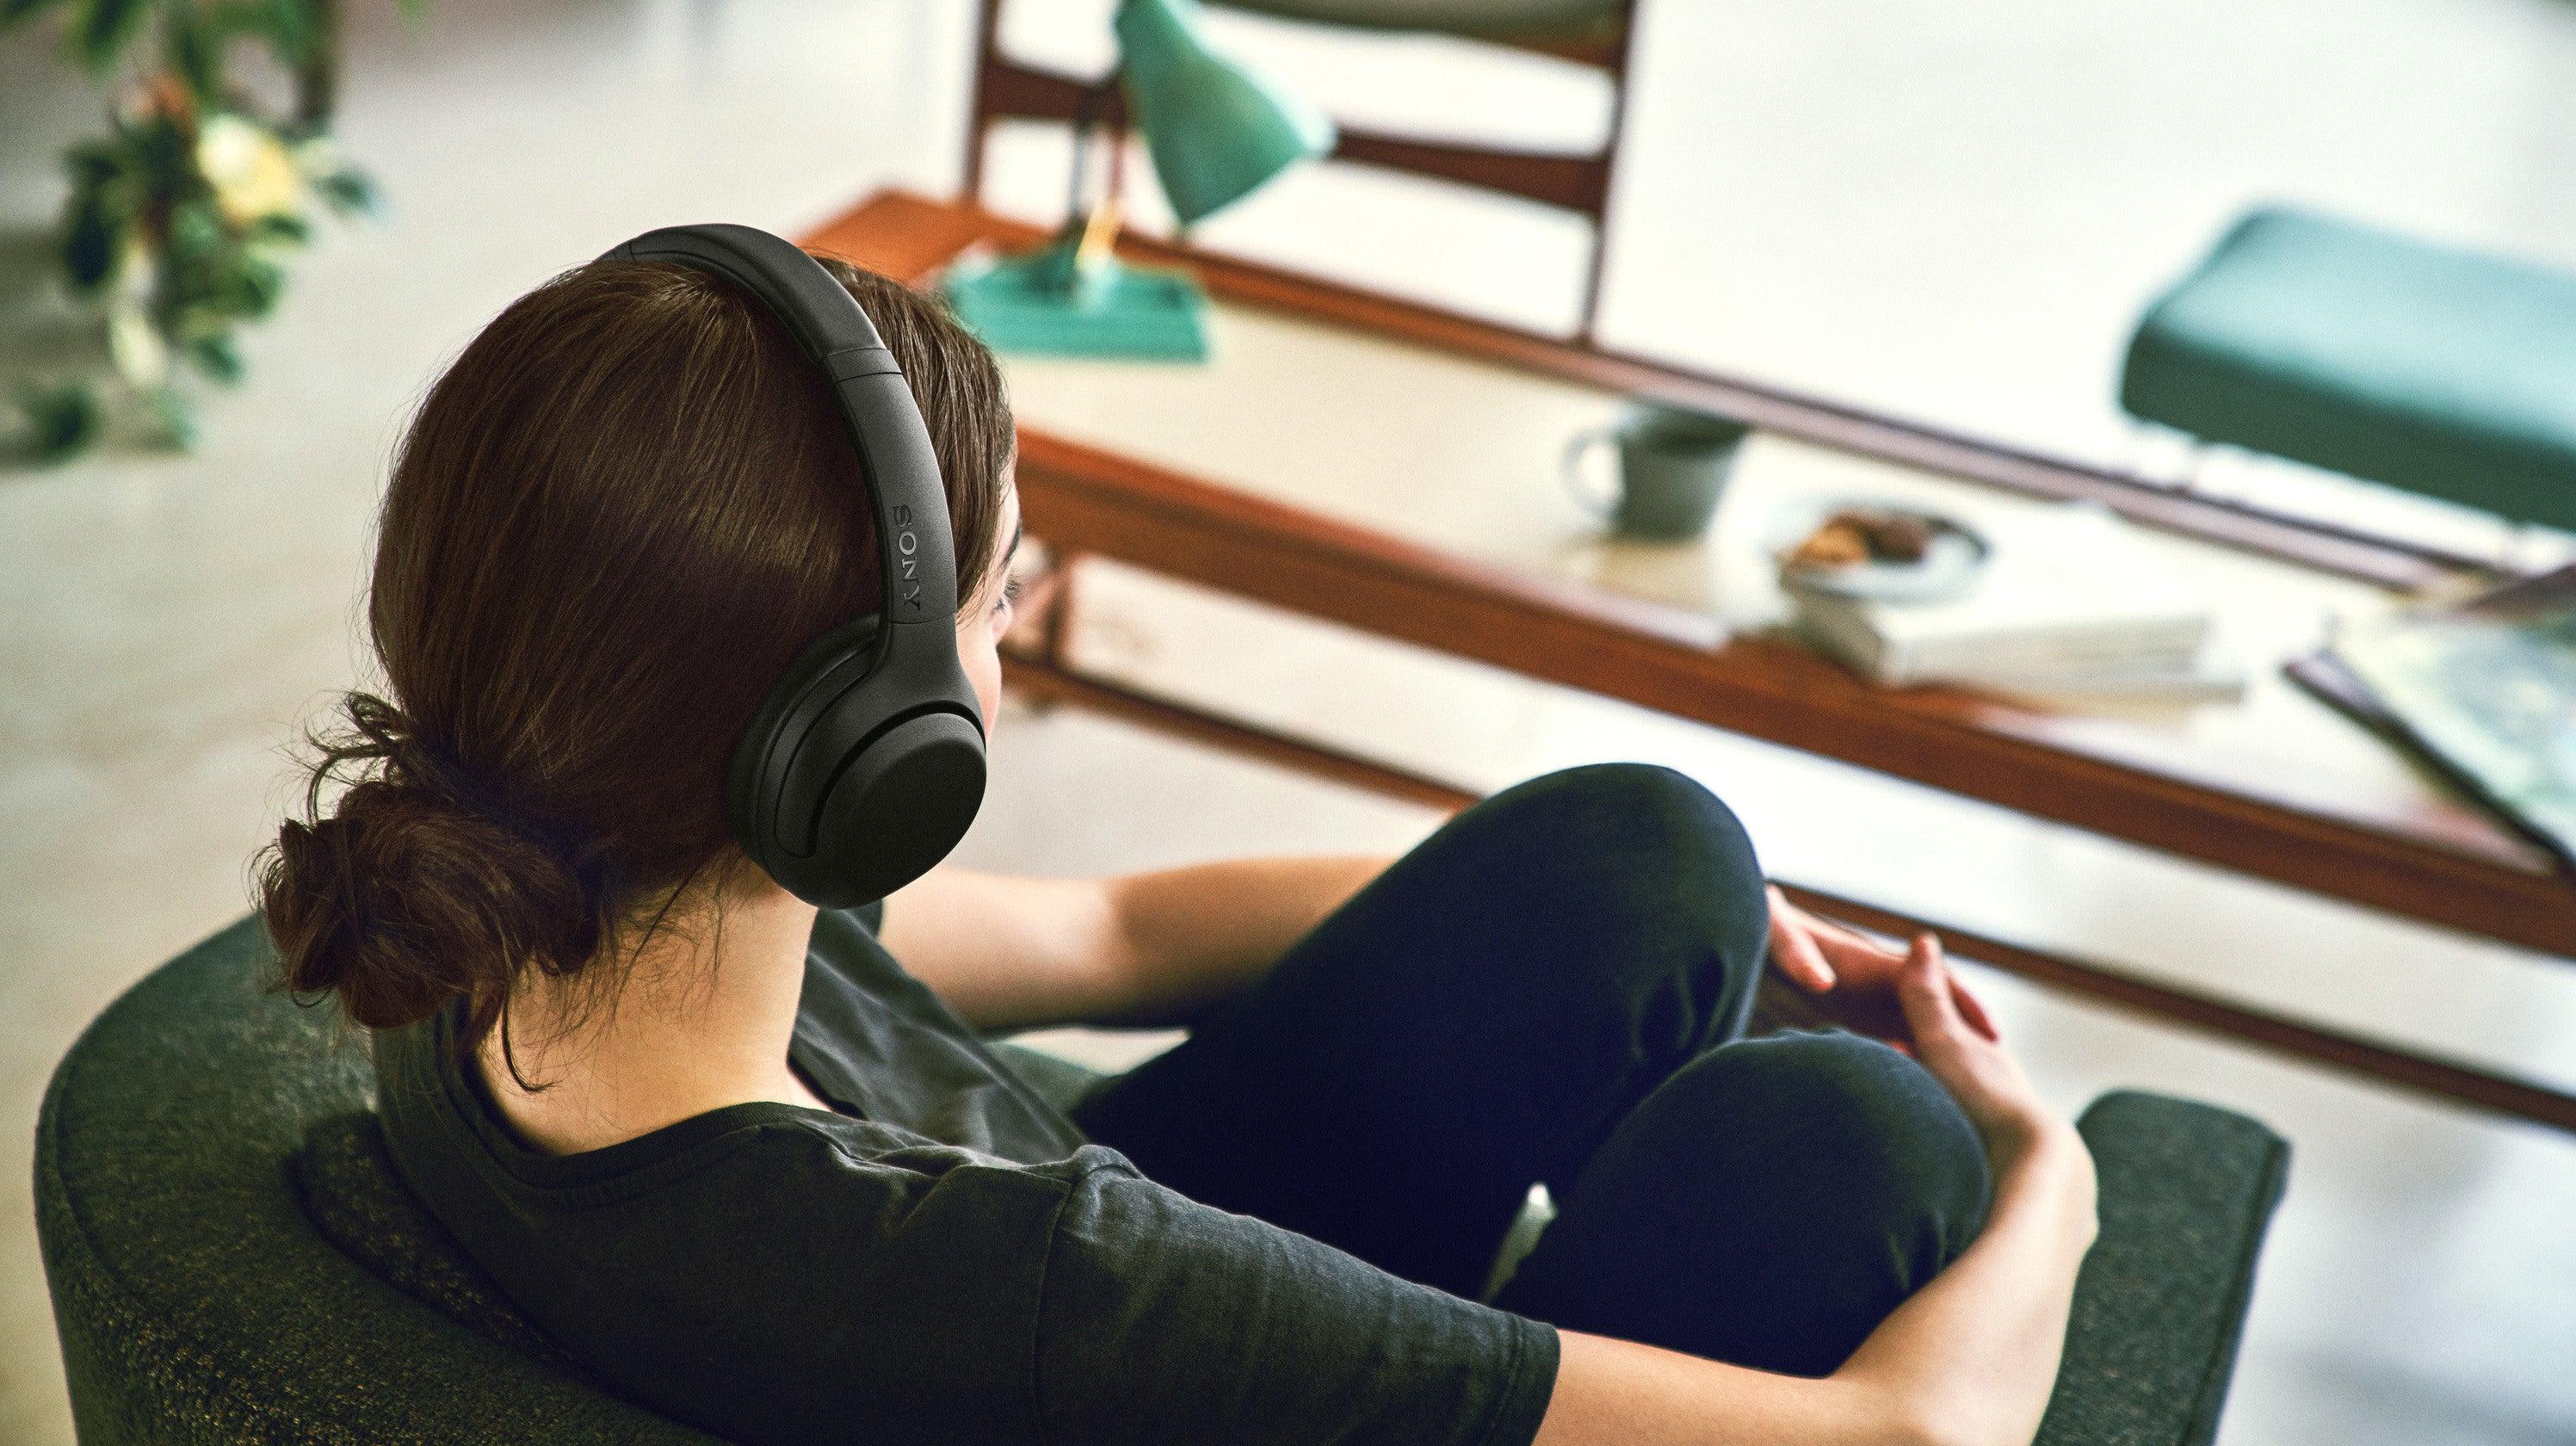 bose jabra noise-canceling noise-canceling-headphones sony sony-headphones sony-wh-1000xm2 sony-xb900n